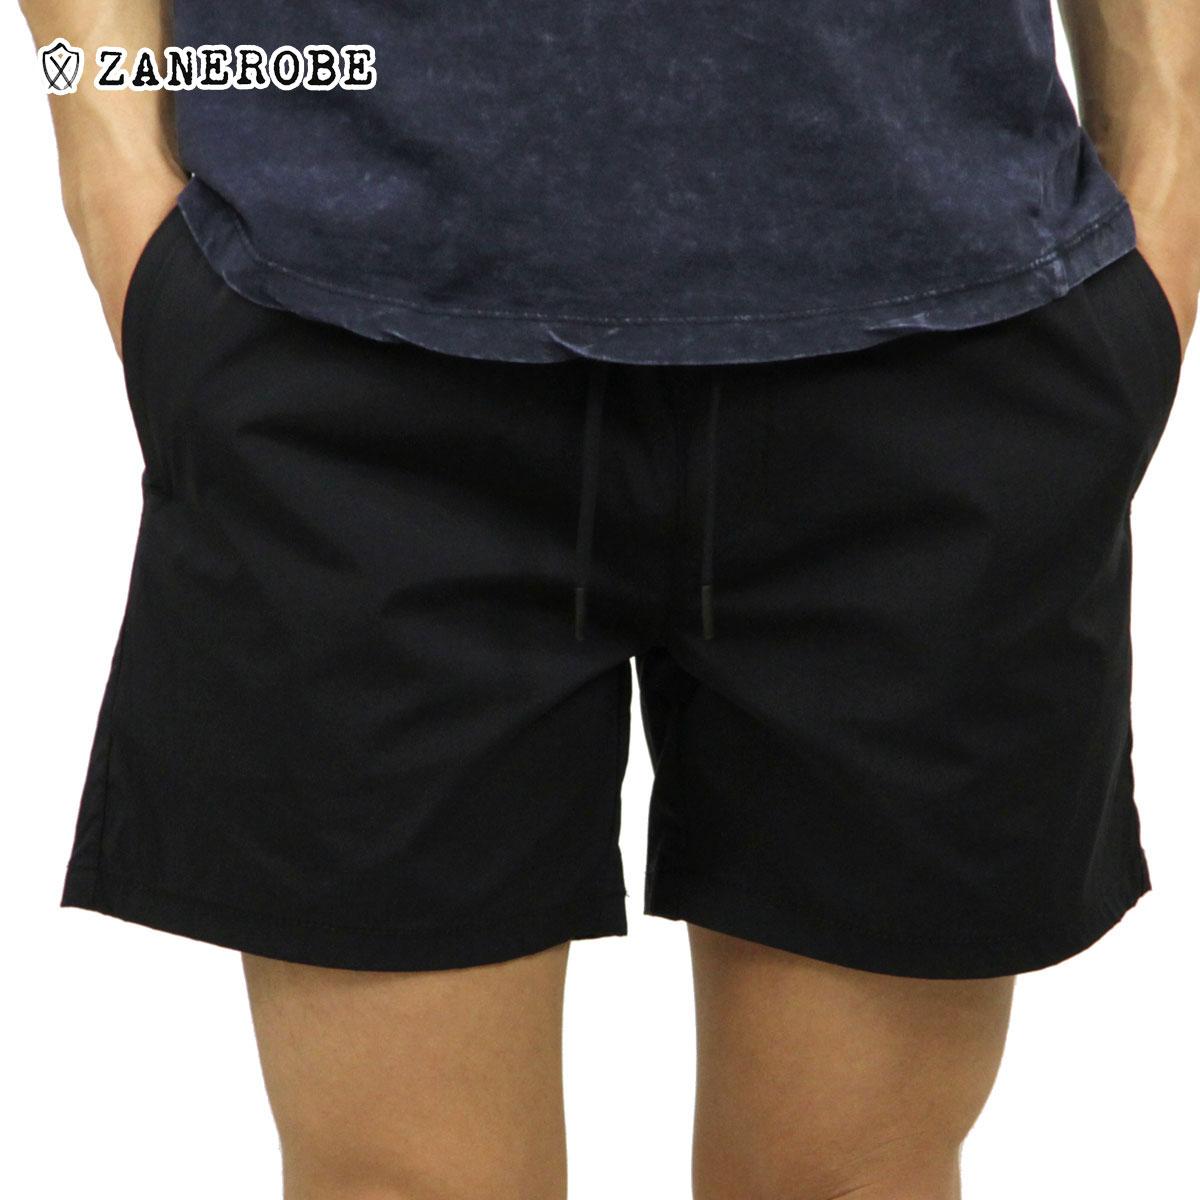 ゼンローブ ZANEROBE 正規販売店 メンズ ハーフパンツ JUMPSHOT SHORT PANTS BLACK 607-PRE